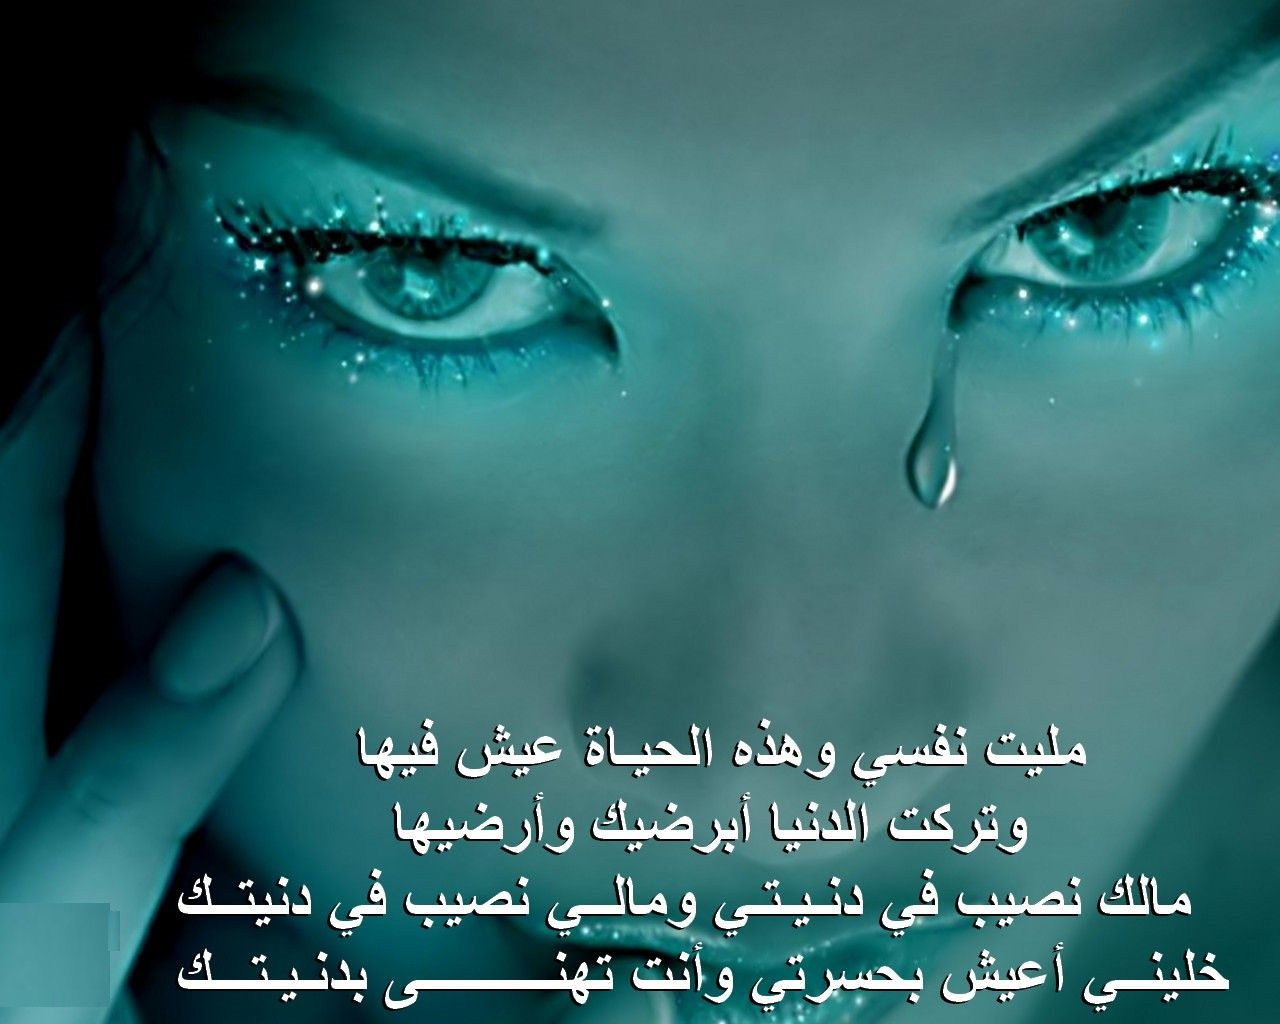 خواطر حزينة جدا كلمات معبرة عن الحزن قبلات الحياة